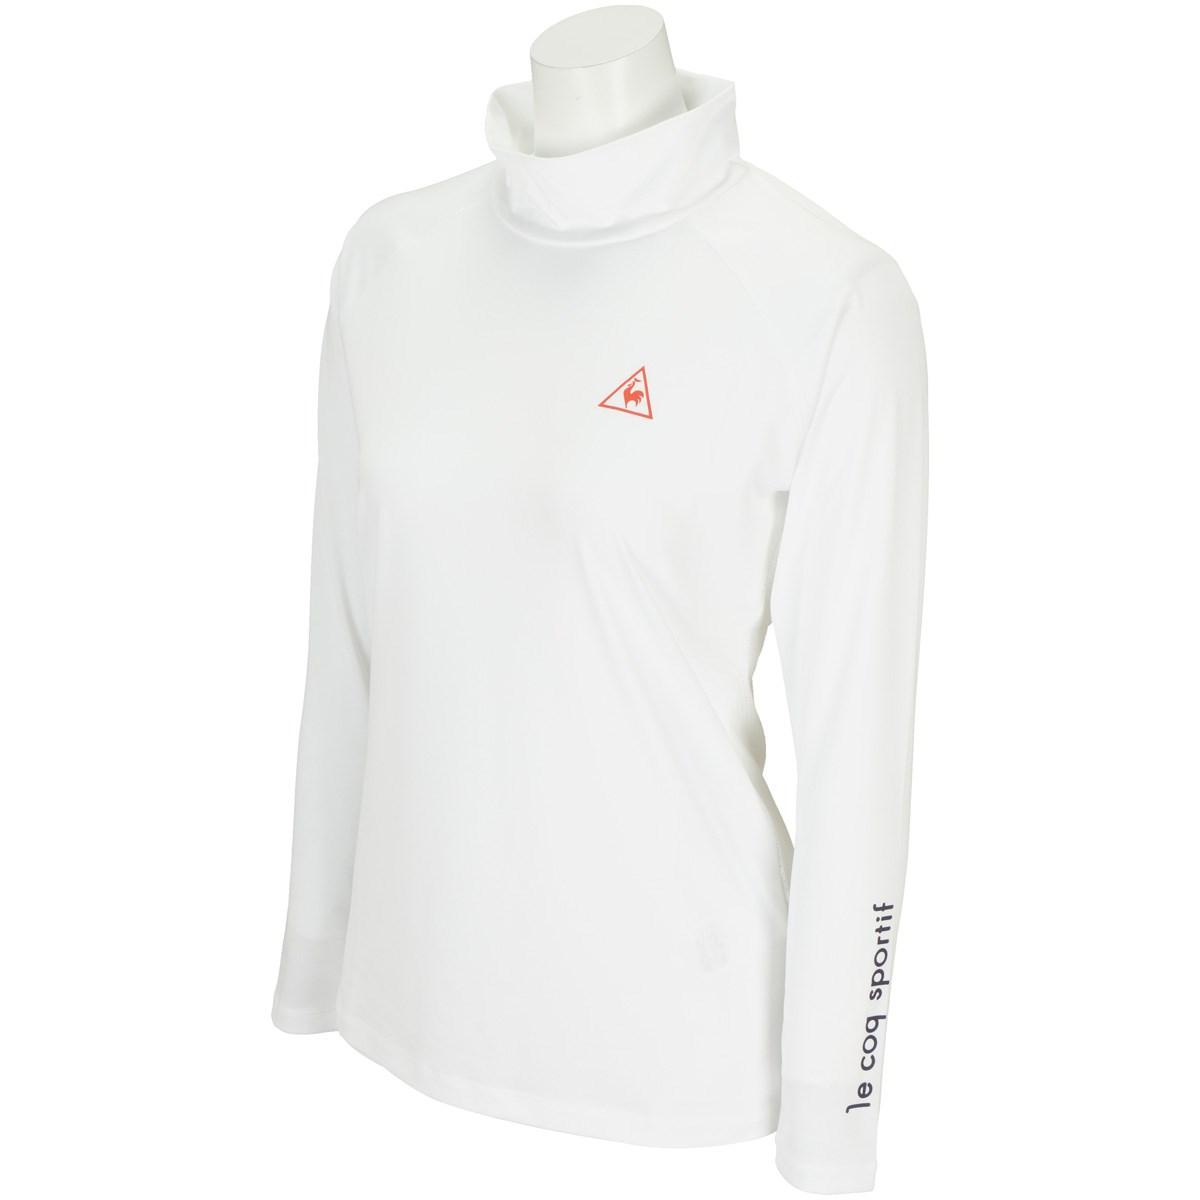 ルコックゴルフ Le coq sportif GOLF ストレッチハイネック長袖インナーシャツ S ホワイト 00 レディス